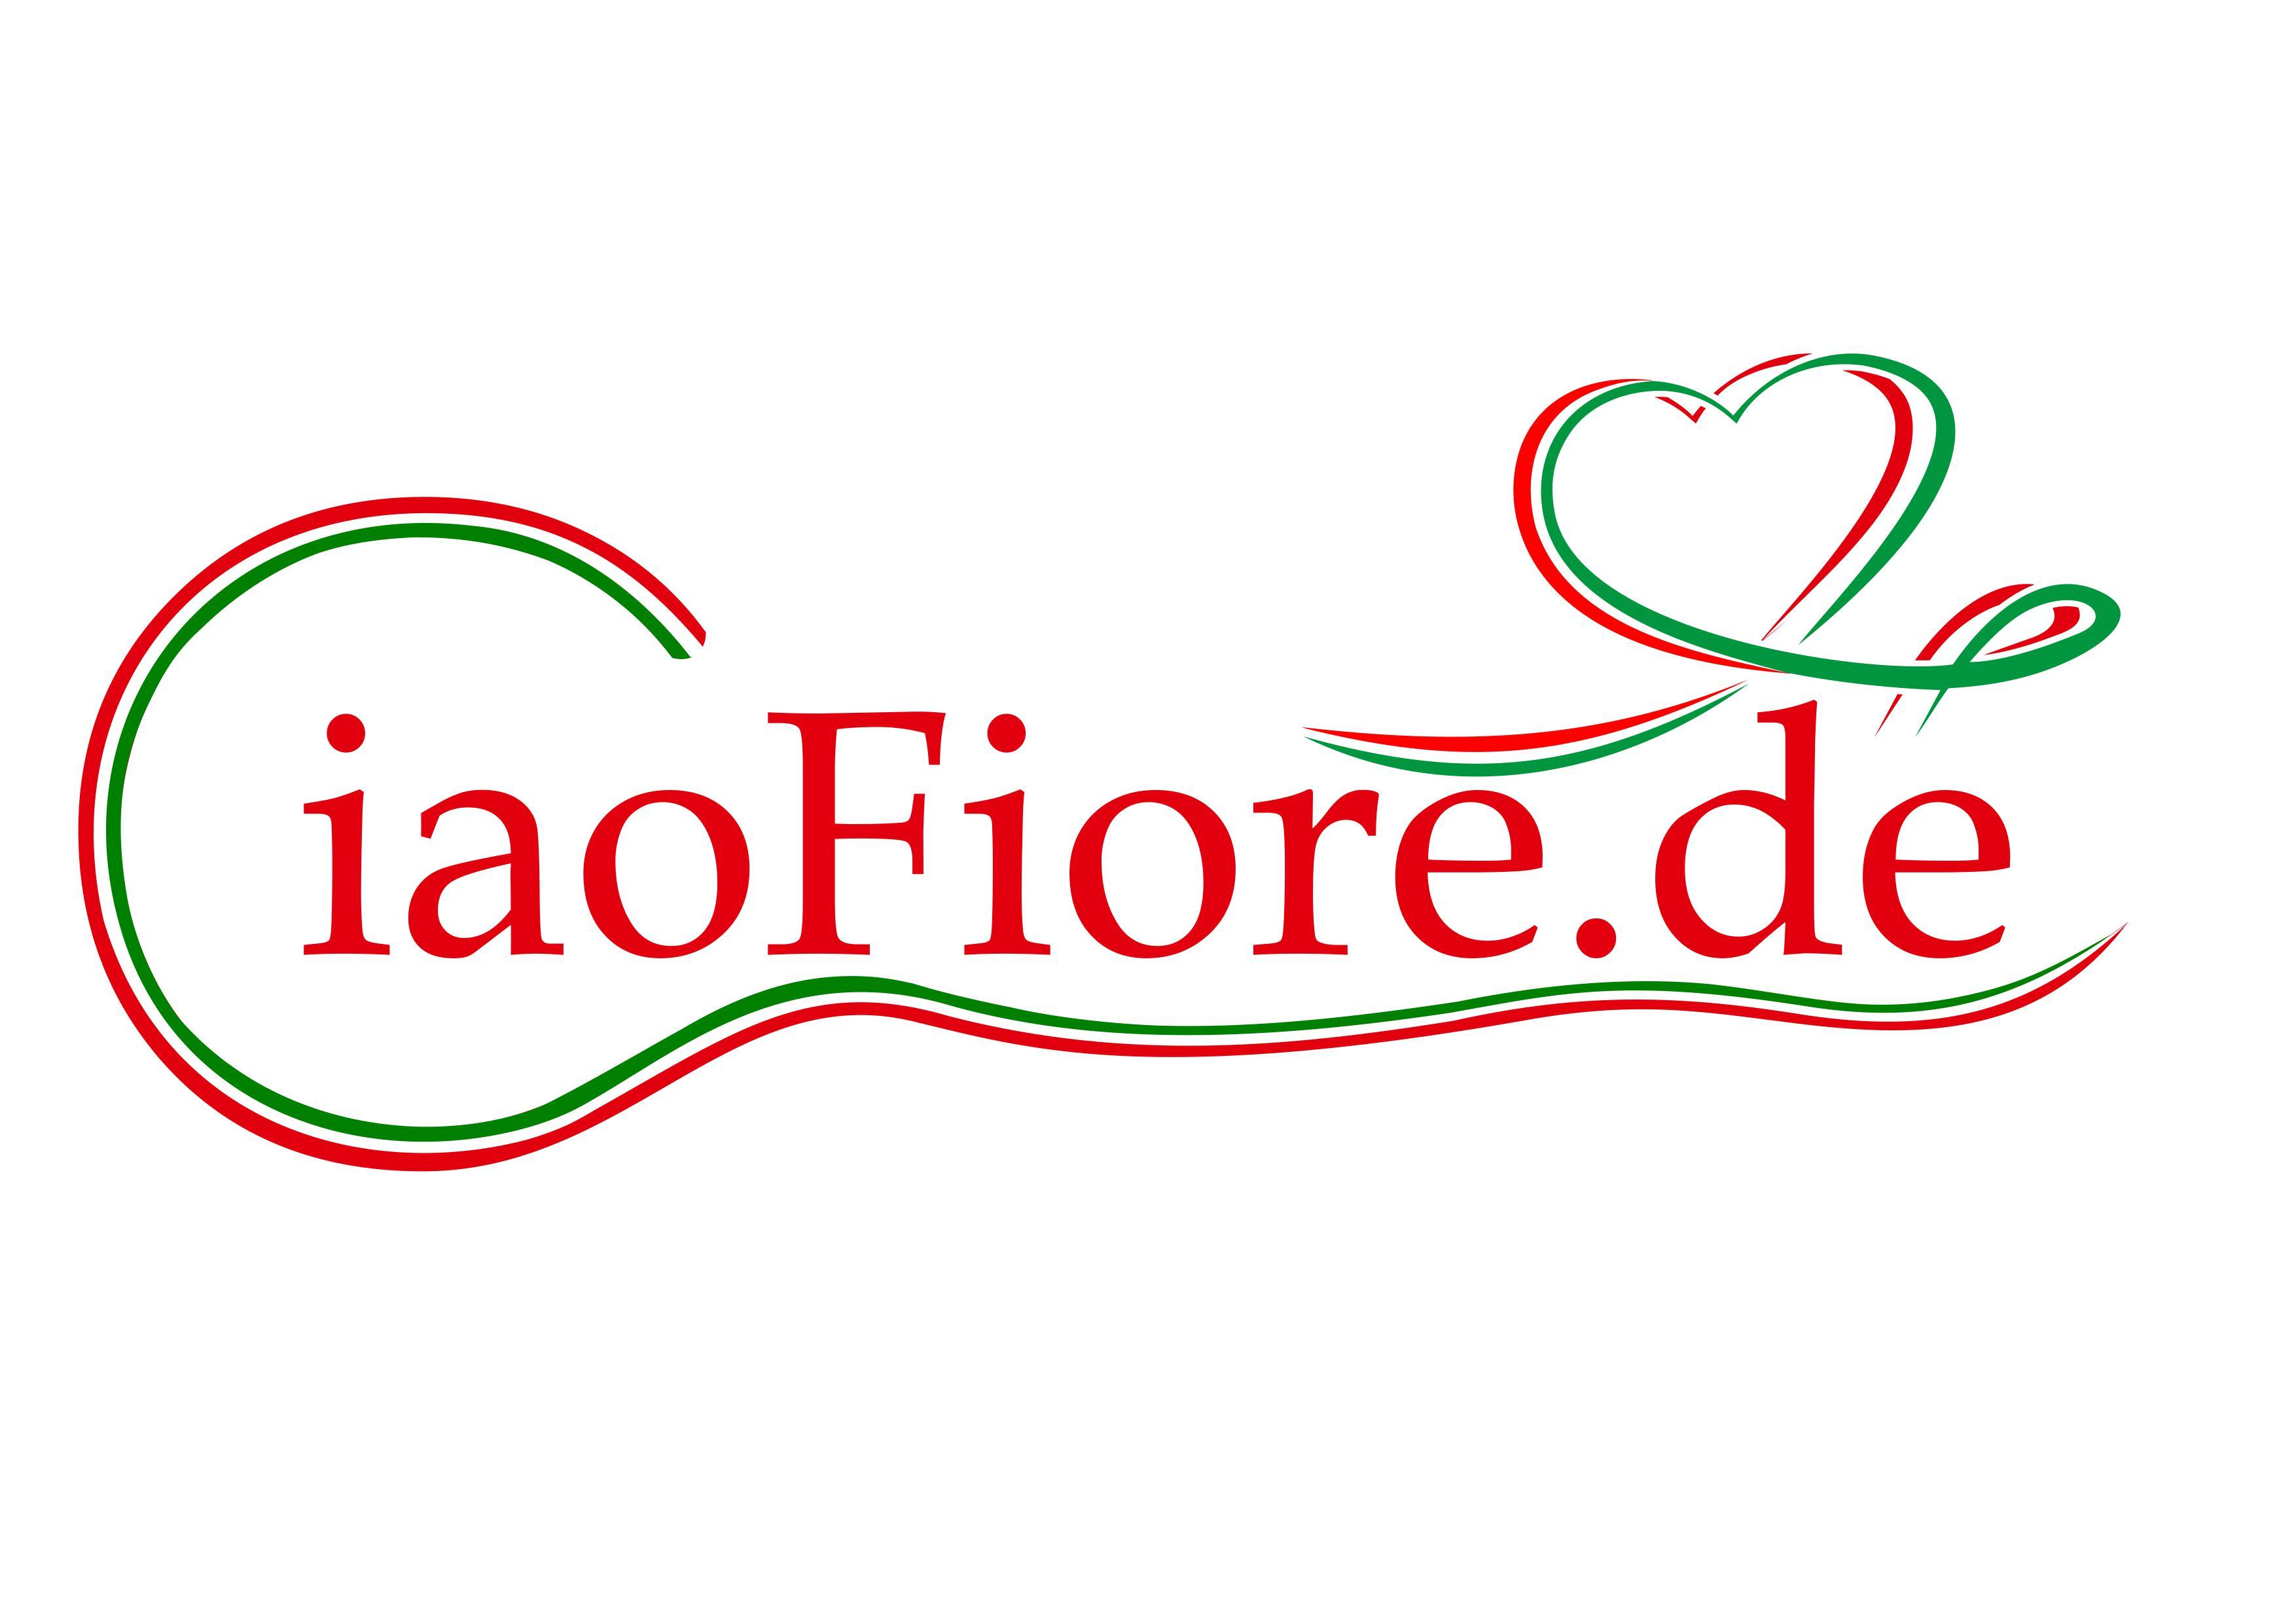 Ciao Fiore Logo